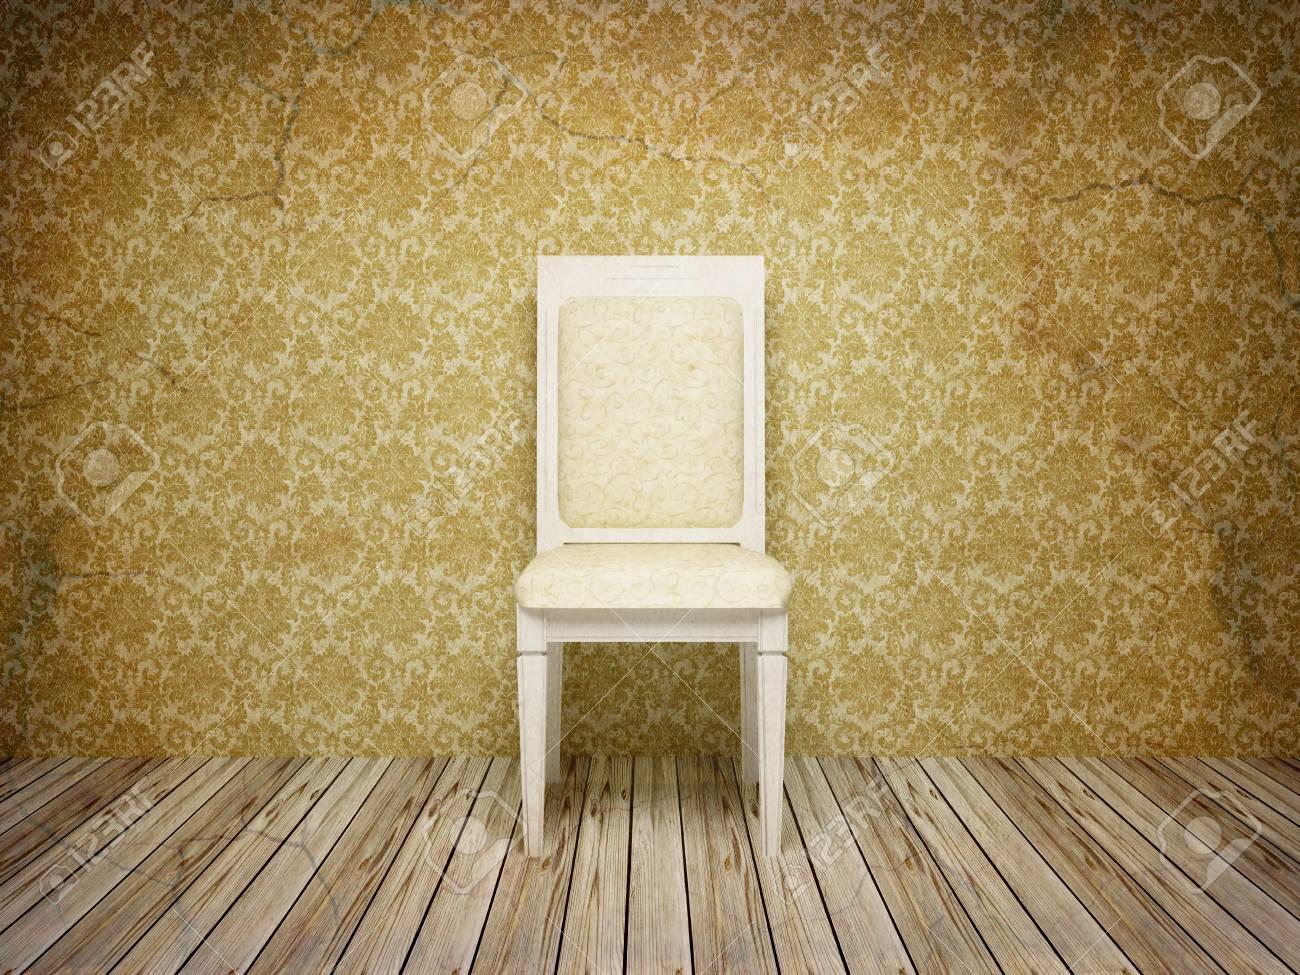 Classique Interieure Antique Avec Chaise Style Ancien Rendu 3d Mon Propre Modele